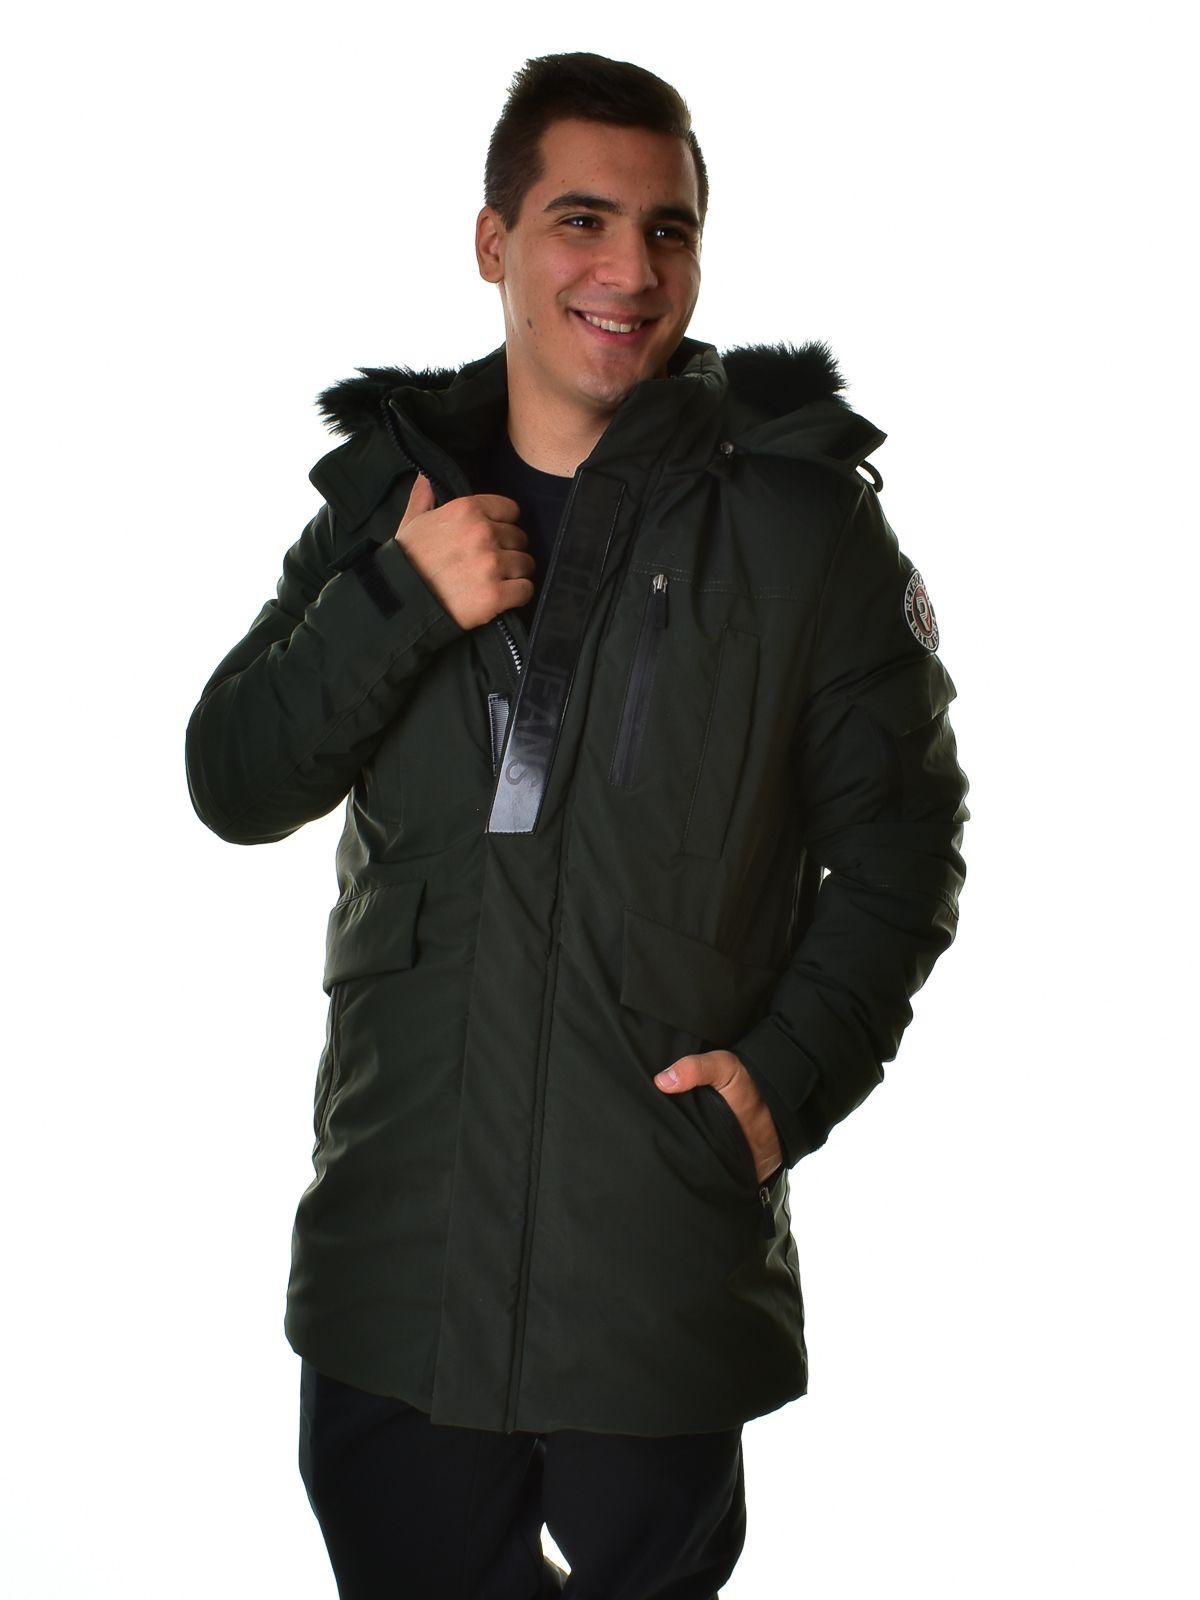 f741271577 Retro Jeans férfi kabát CLEMENT JACKET | Markasbolt.hu Hivatalos ...